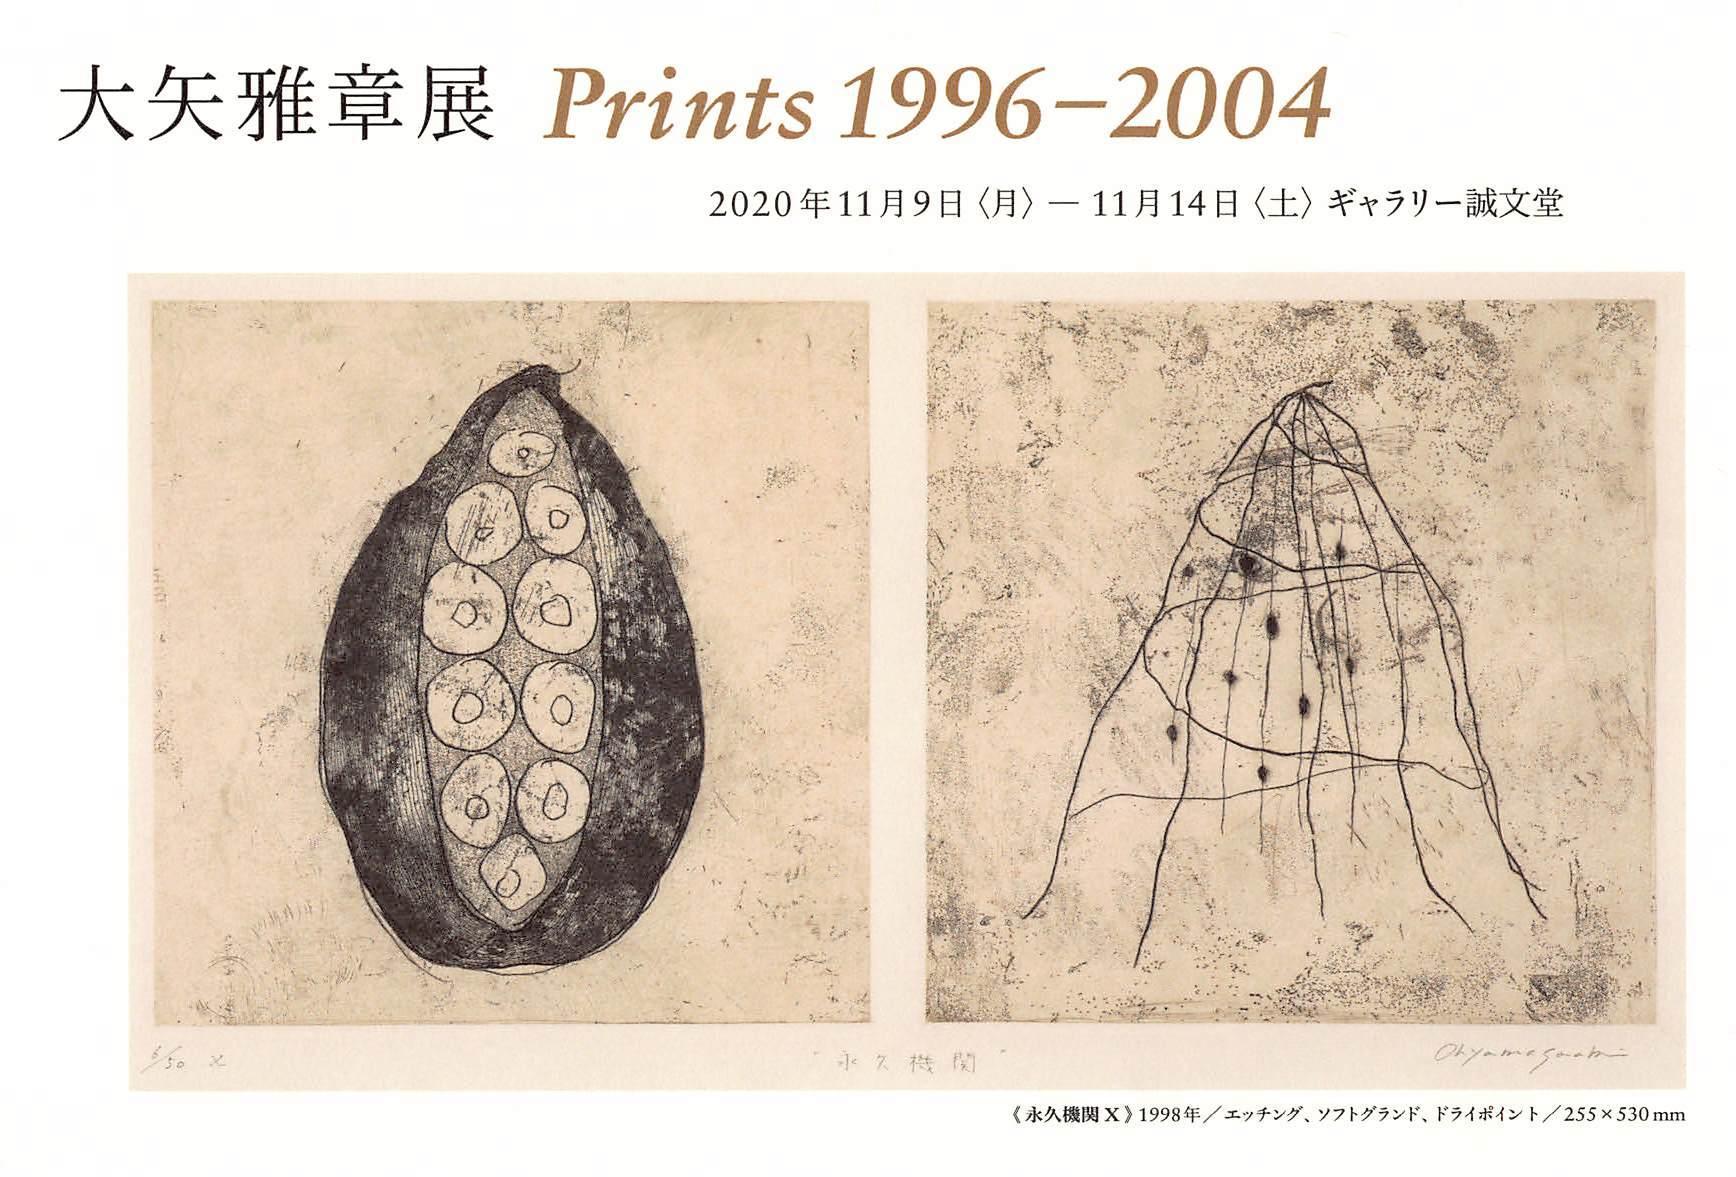 大矢雅章展 Prints 1996-2004_d0134629_18331125.jpg